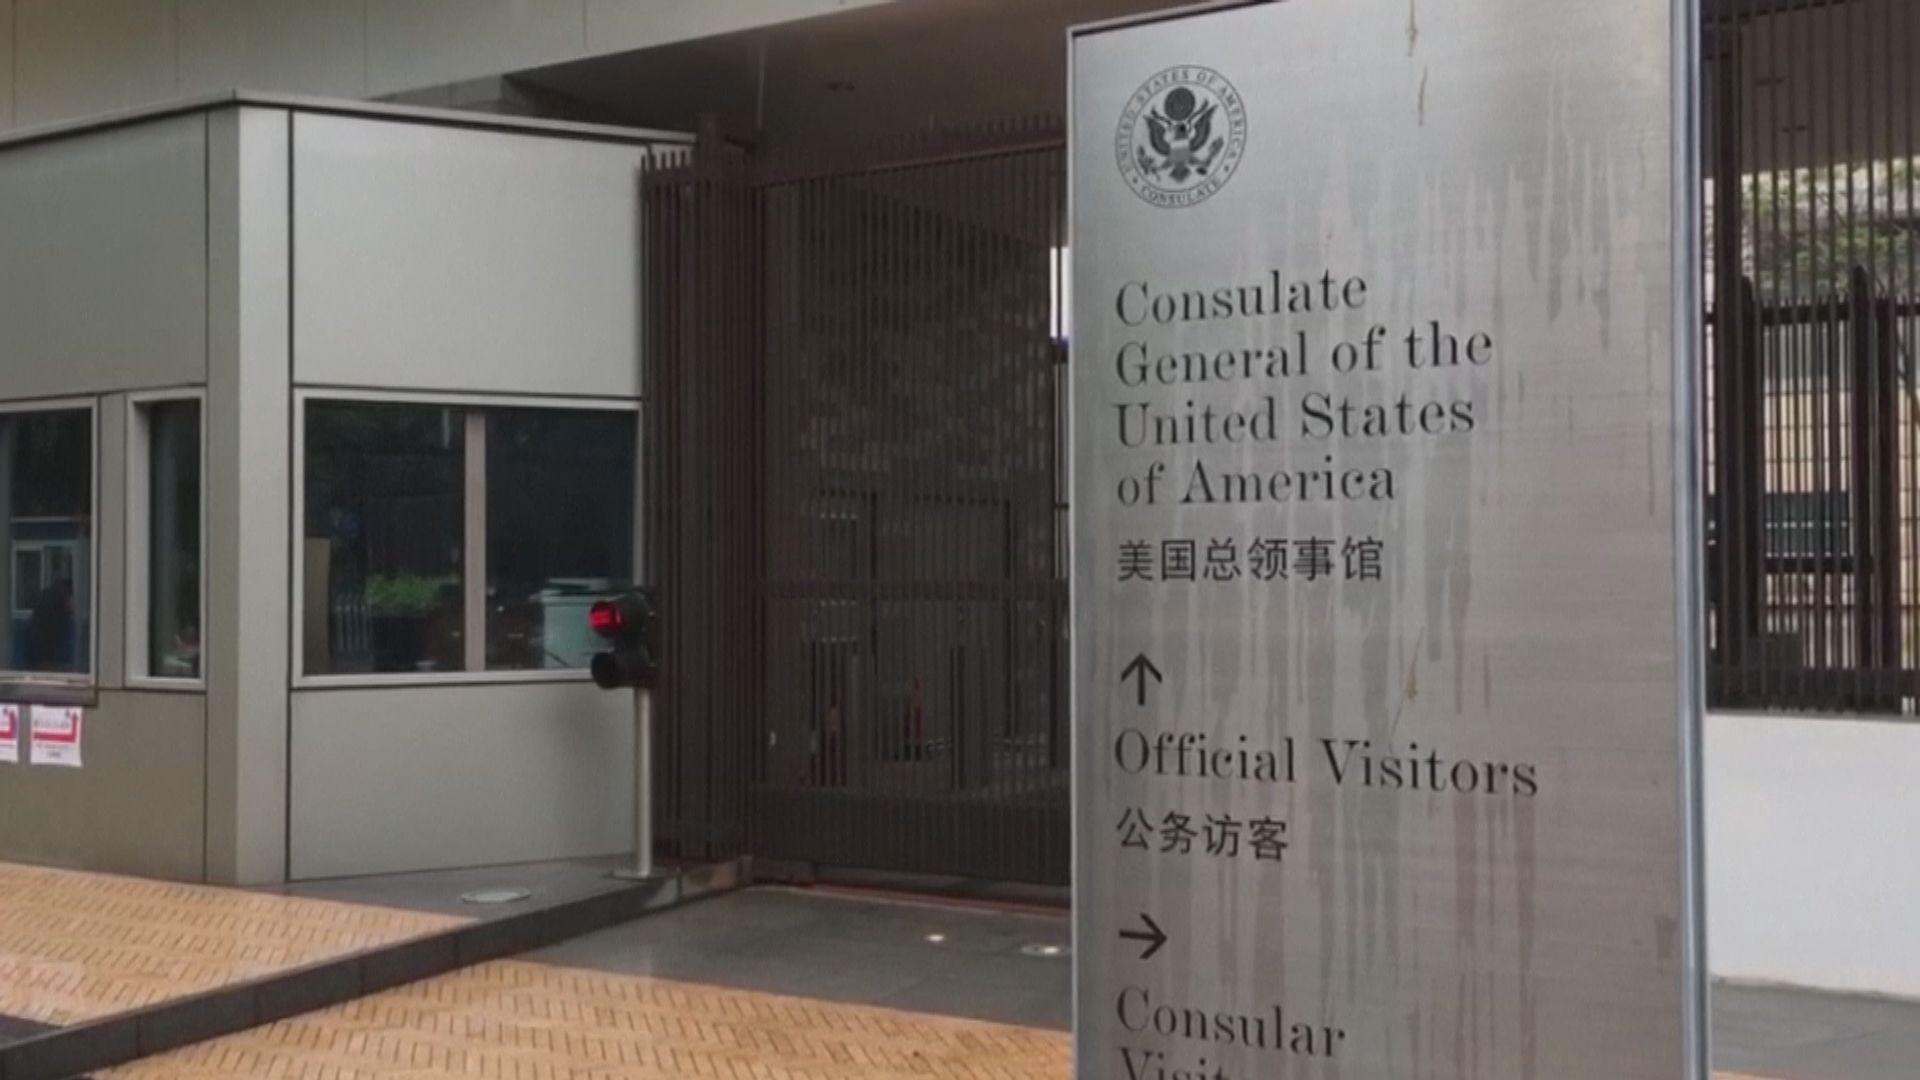 12港人案周一深圳開審 美駐廣州總領事館指會幫忙協調其他領事旁聽